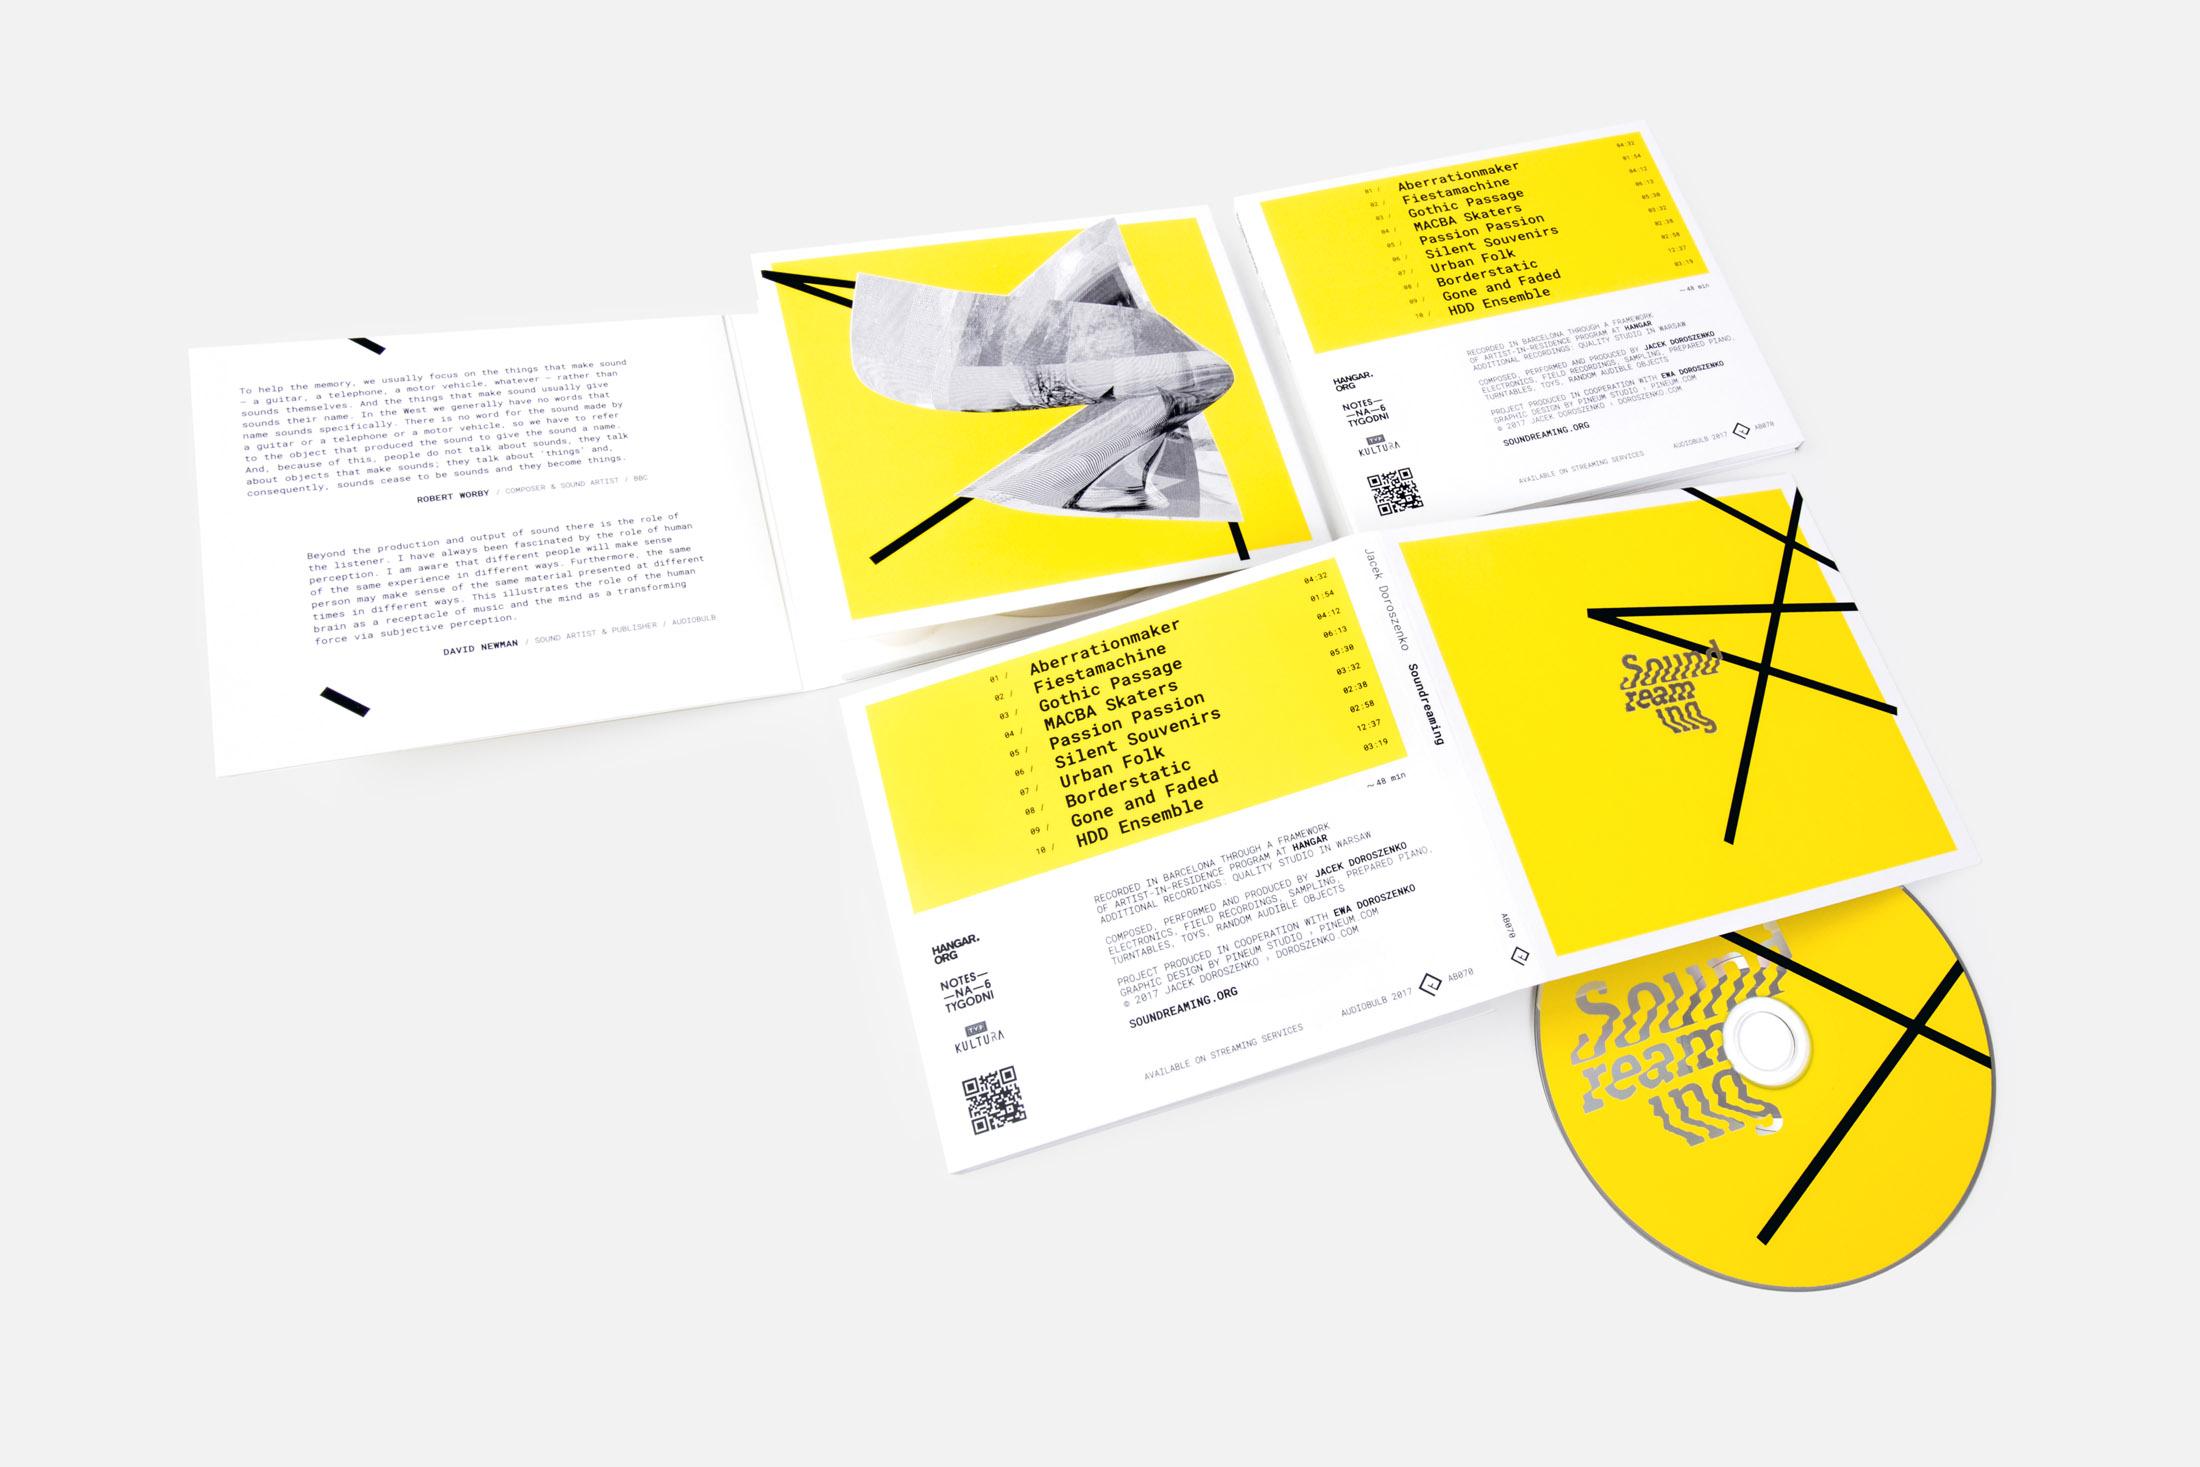 Jacek Doroszenko - Soundreaming, music album 03